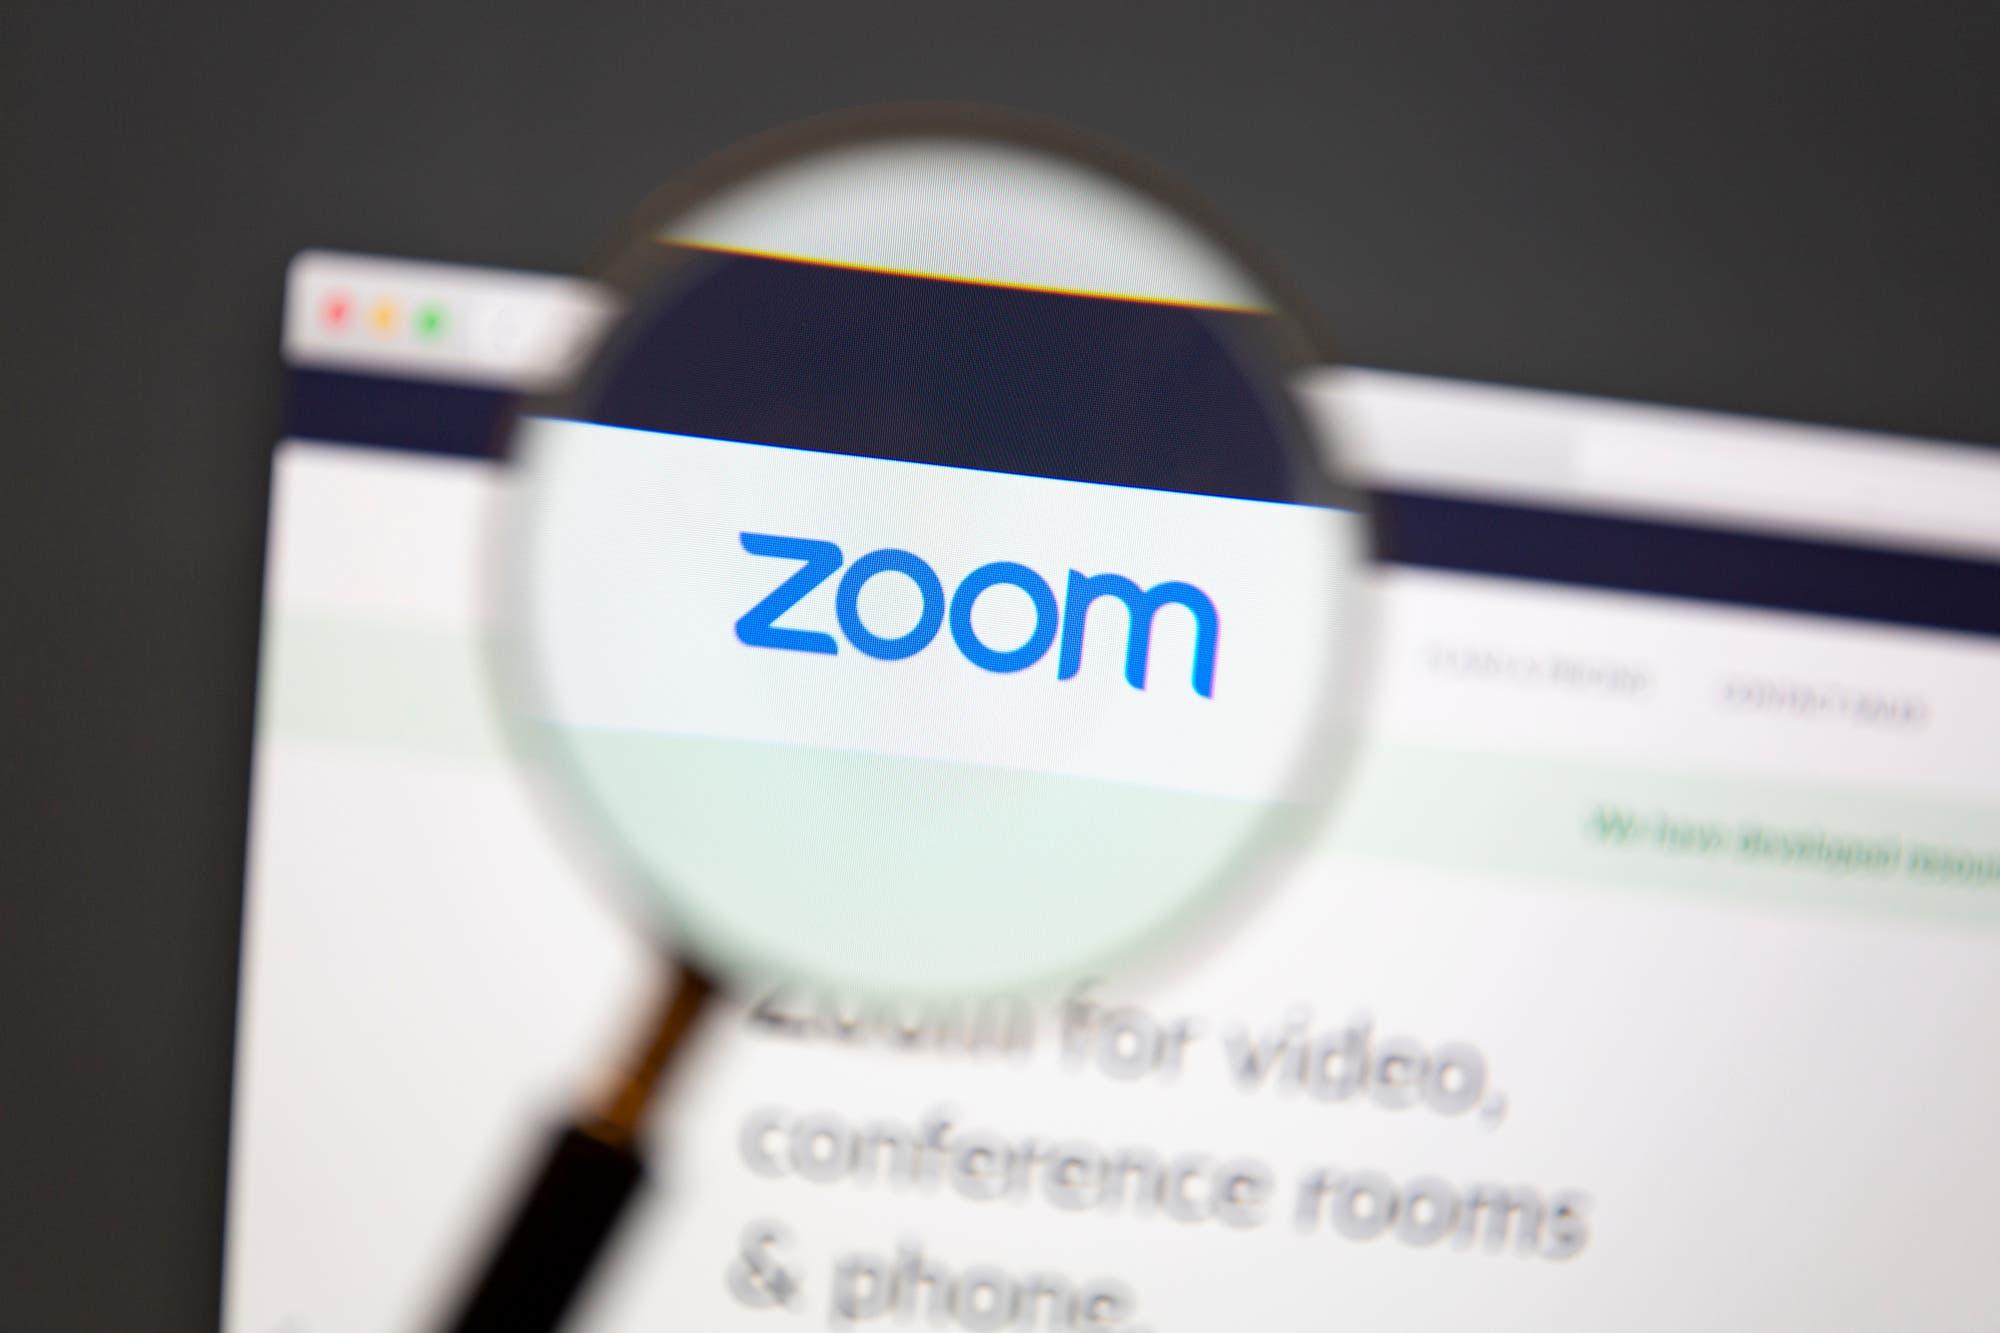 La lección que estamos aprendiendo de los errores en el servicio de videollamadas Zoom